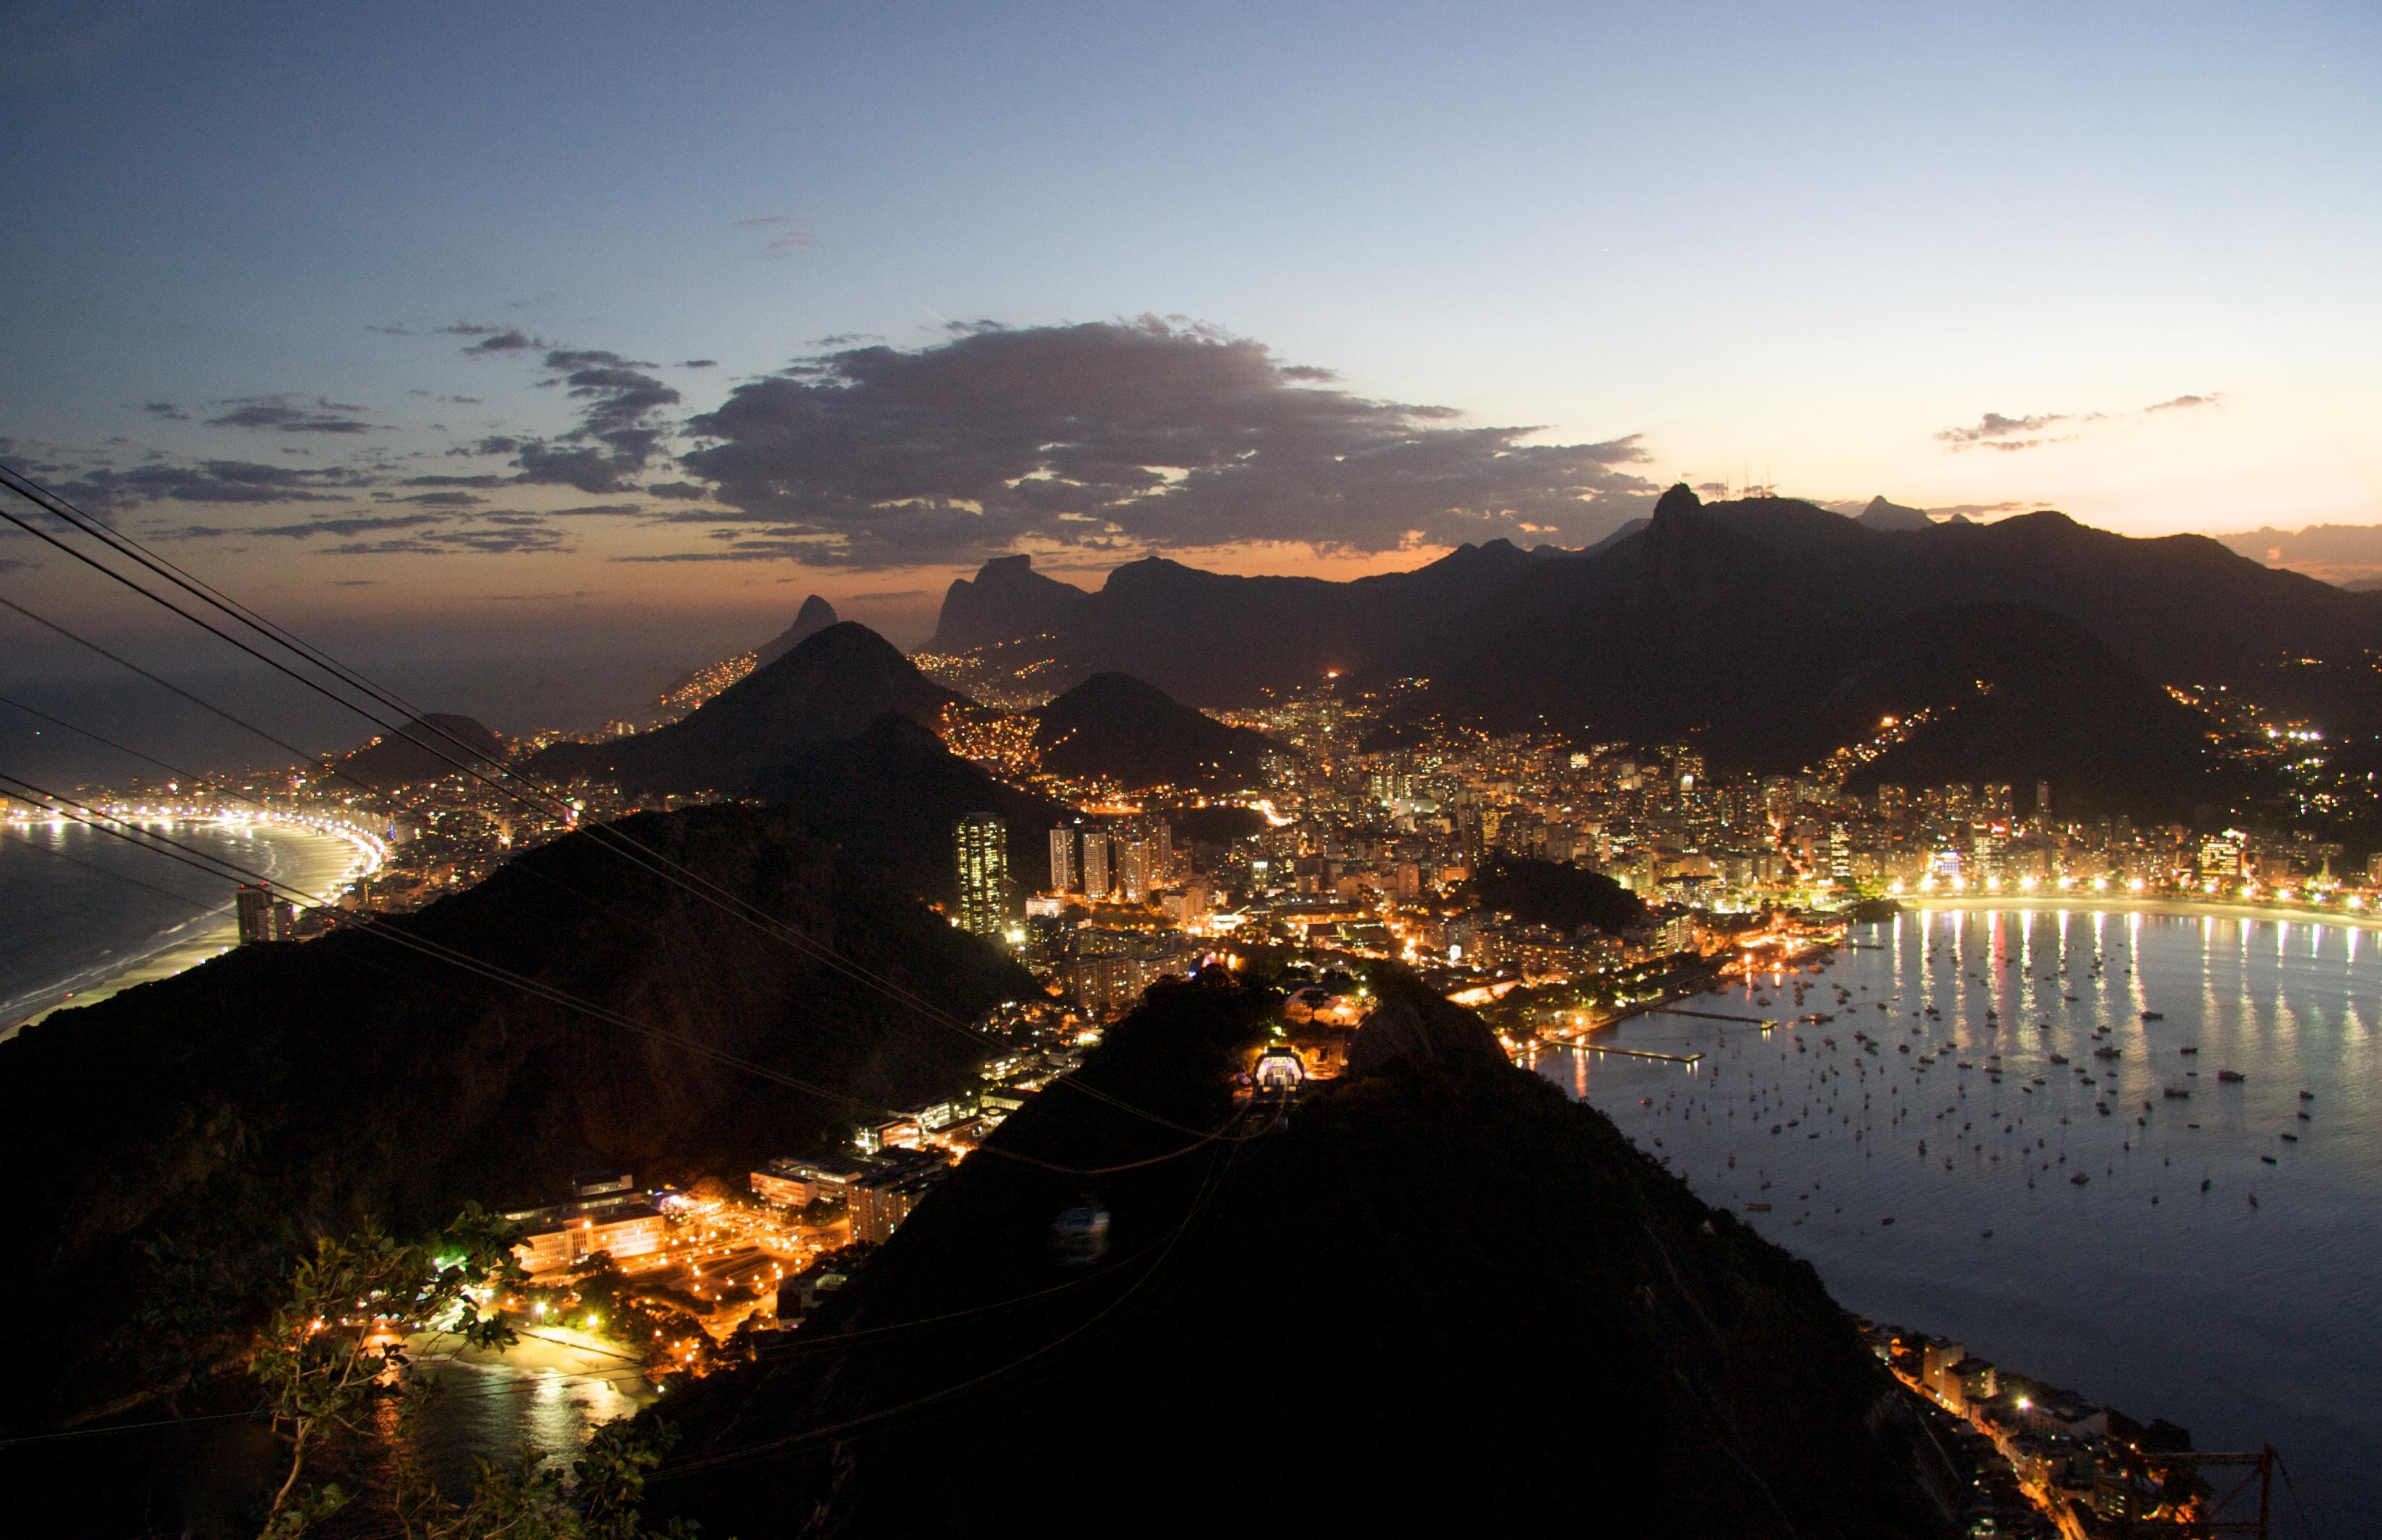 Rio_de_Janeiro_night.jpg